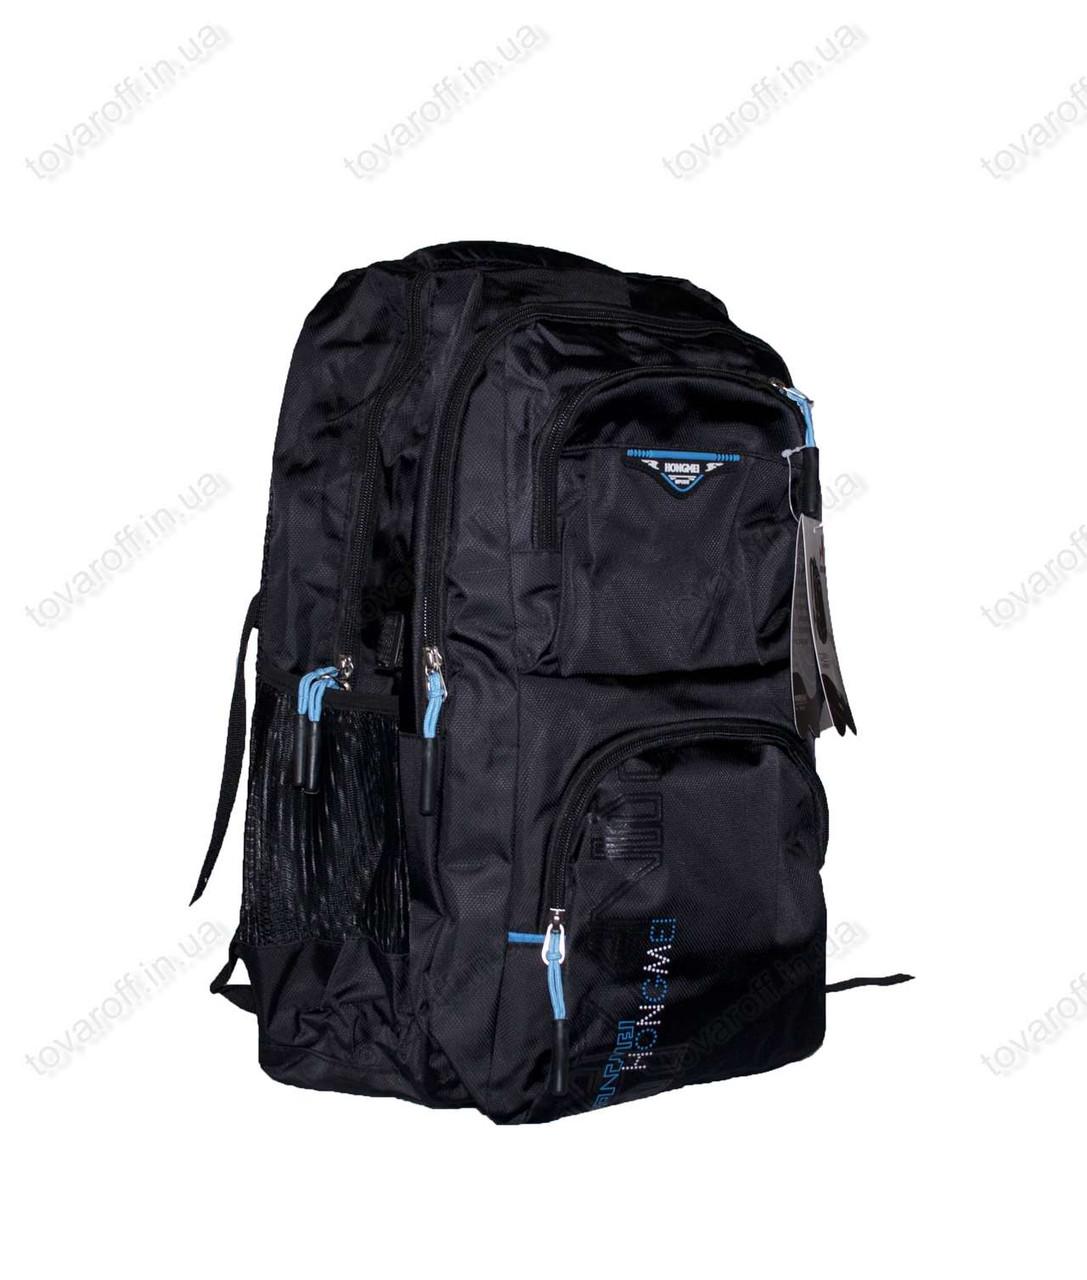 Оптом рюкзак шкільний/спортивний - Чорно-блакитний - 8008